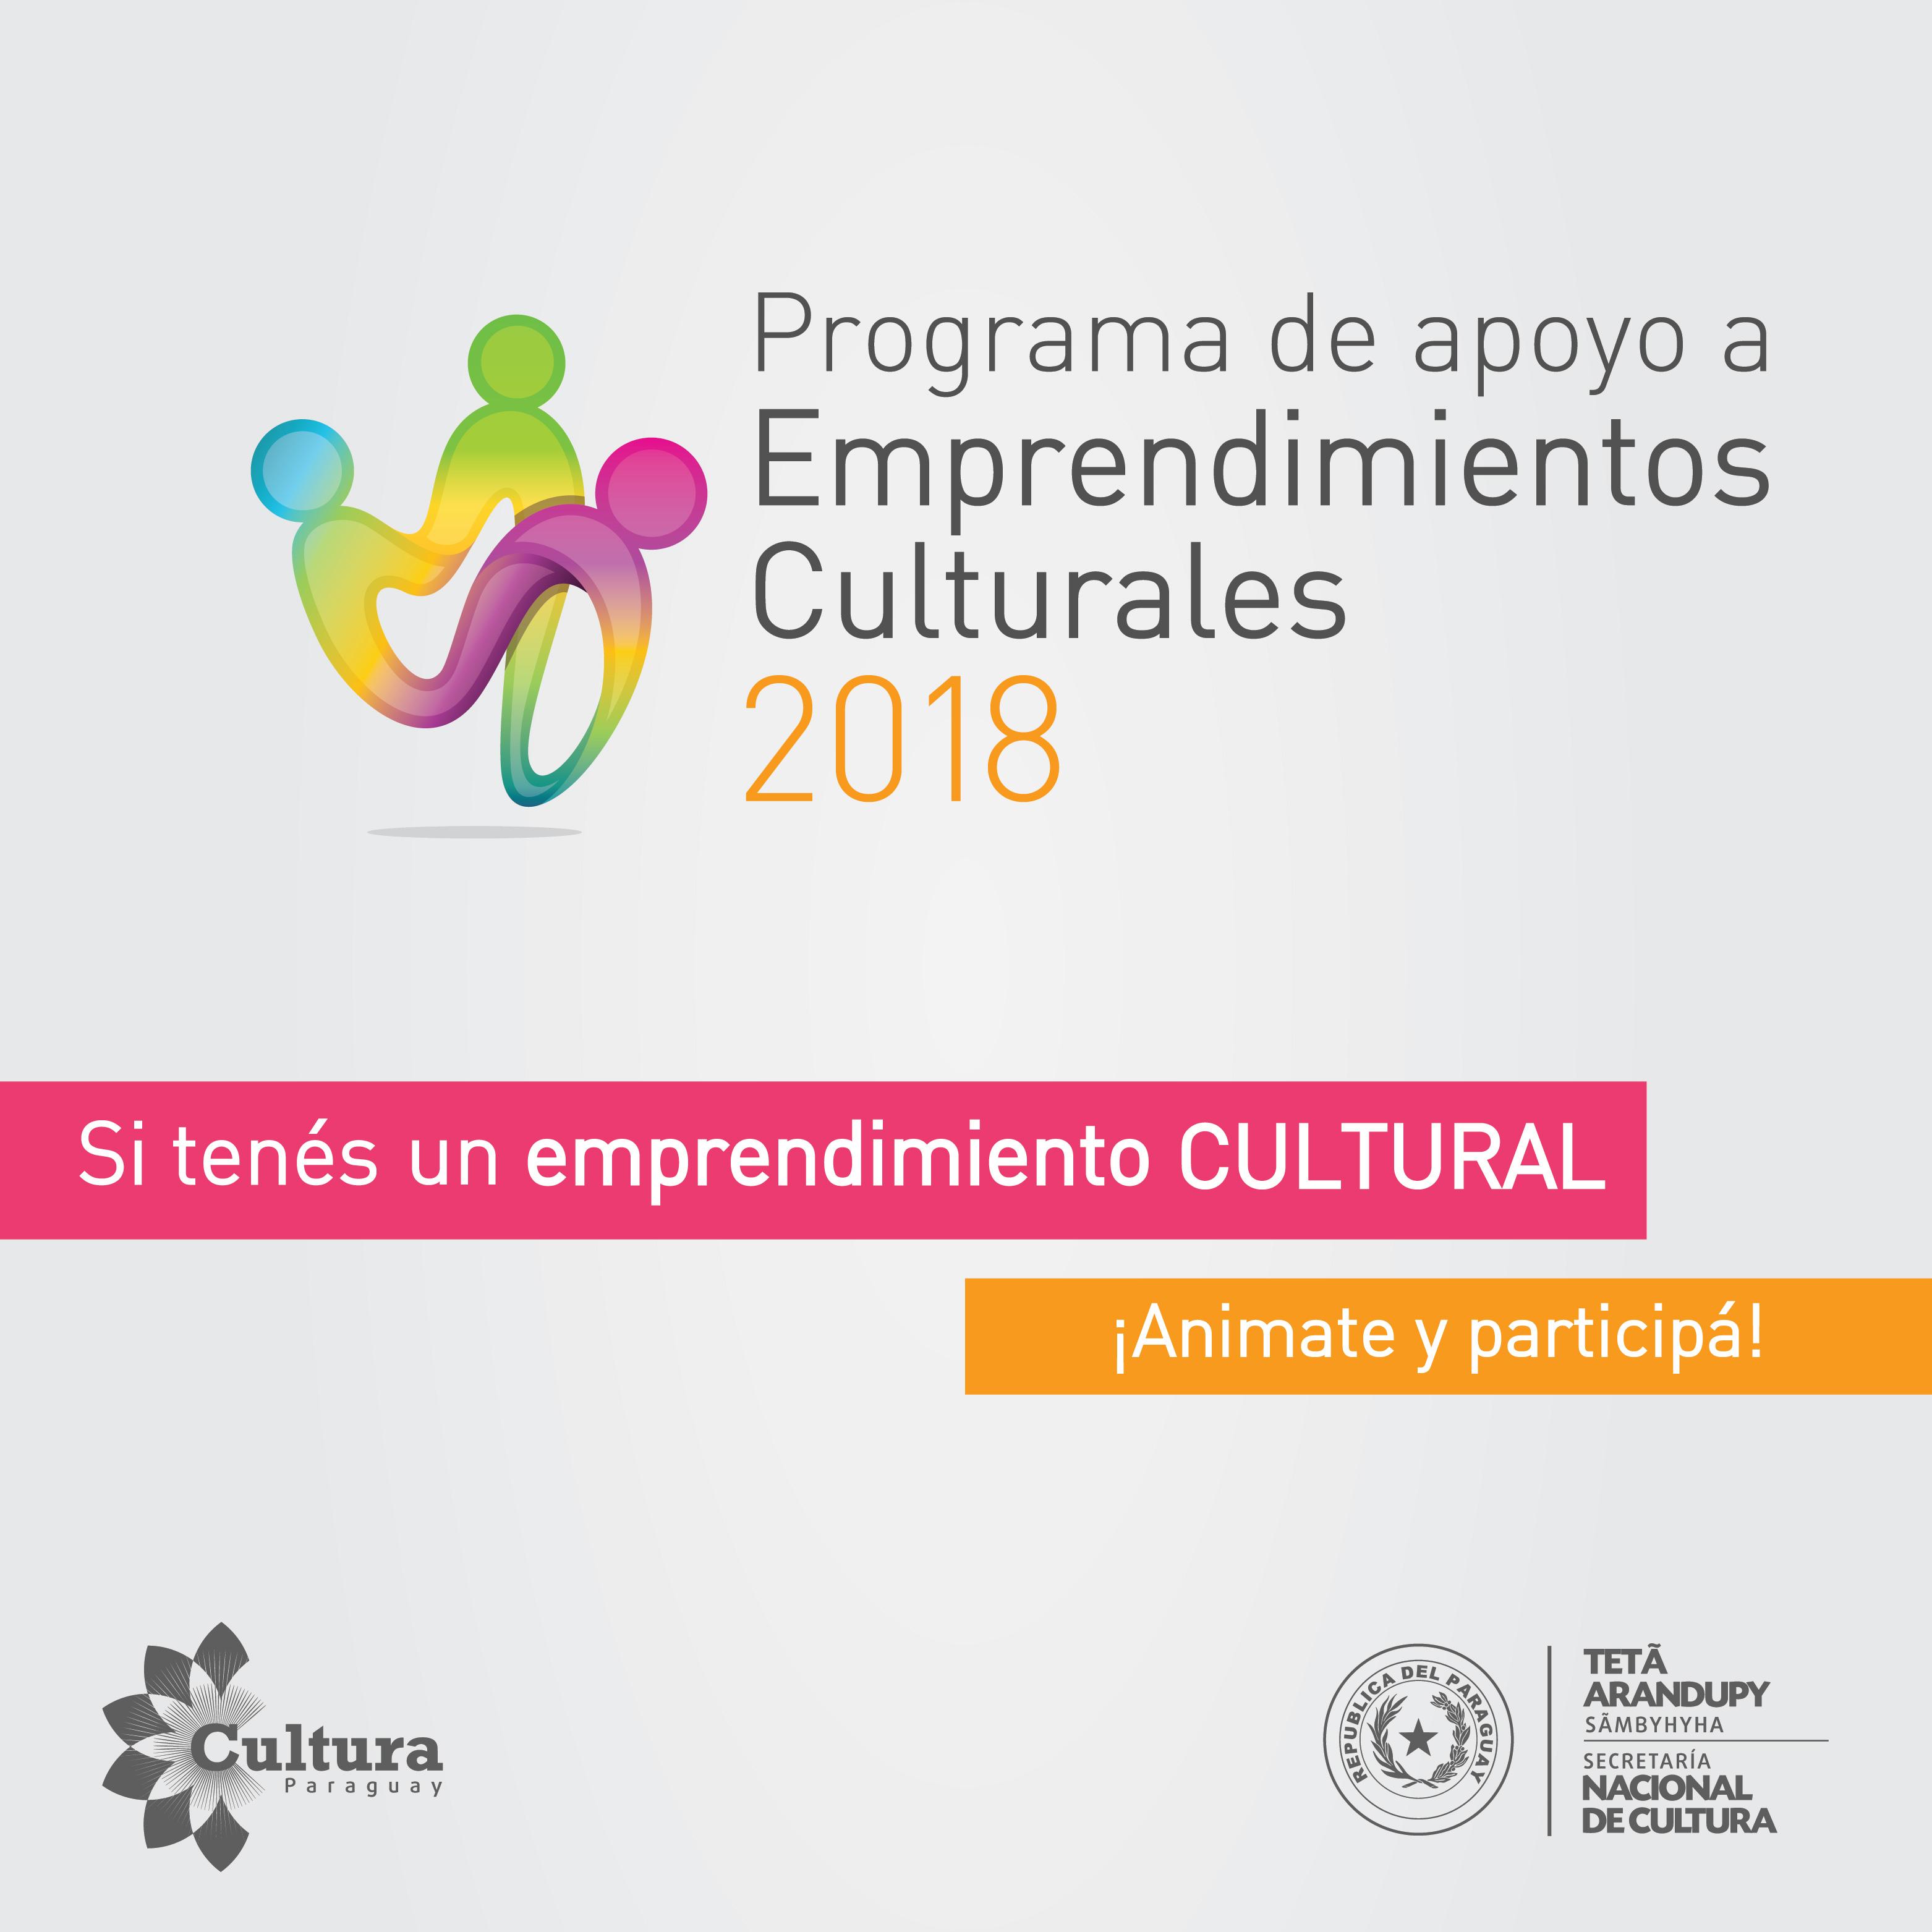 Proyectos seleccionados en el Programa de apoyo a emprendimientos culturales 2018 imagen